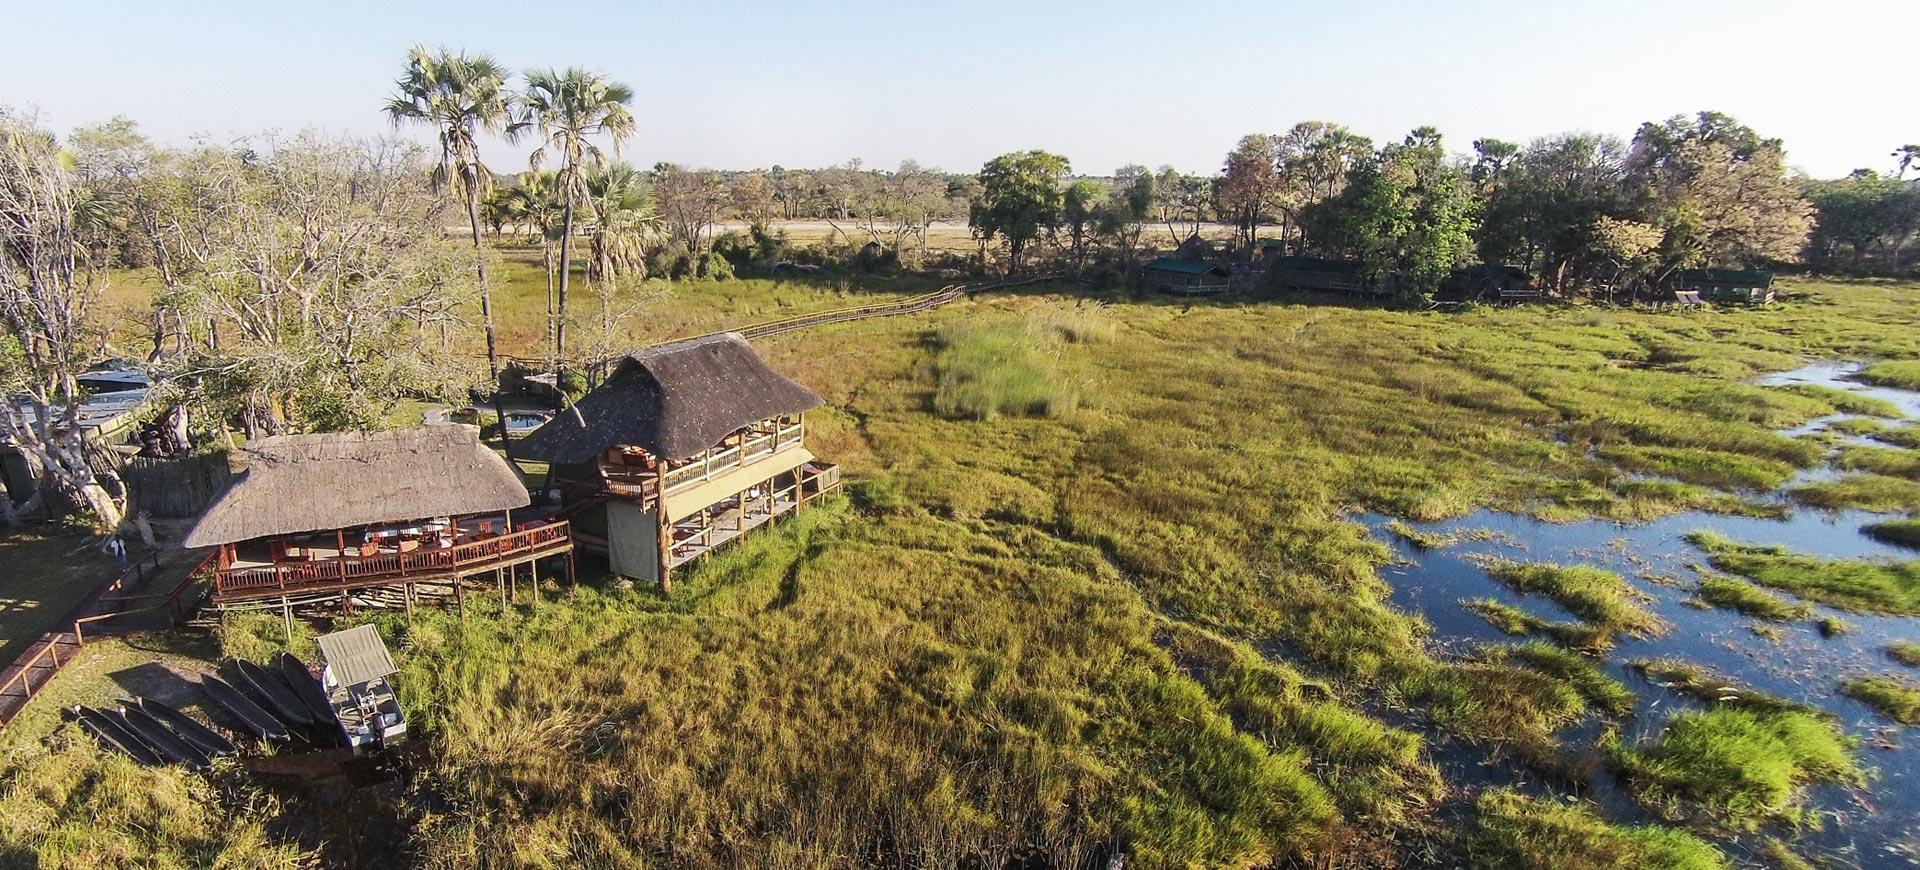 Gunns Okavango Delta Tented Camp